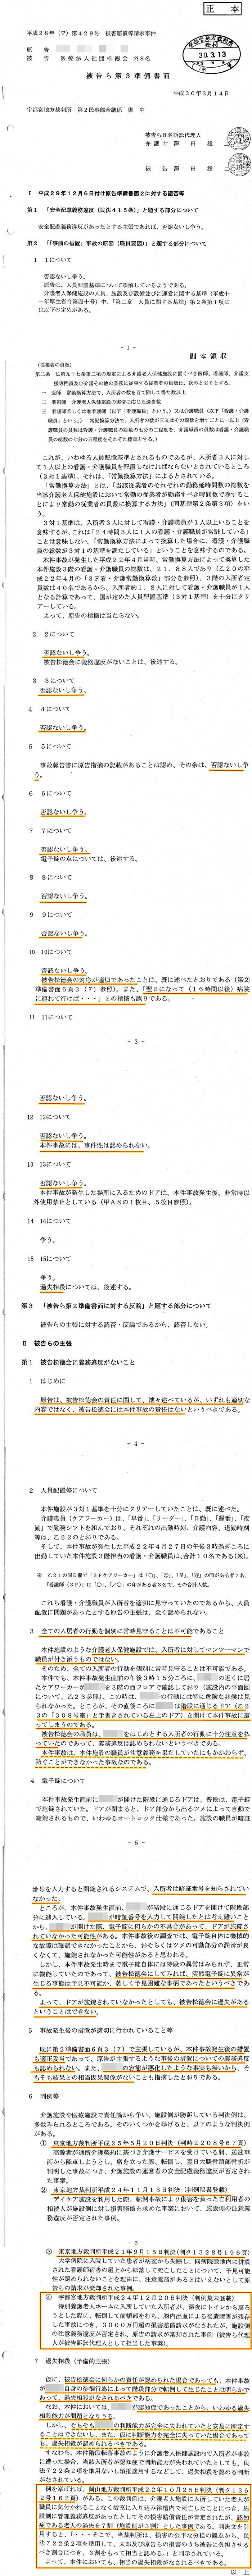 準備書面3 澤田雄二弁護士 もてぎの森うごうだ城 損保ジャパン日本興亜1